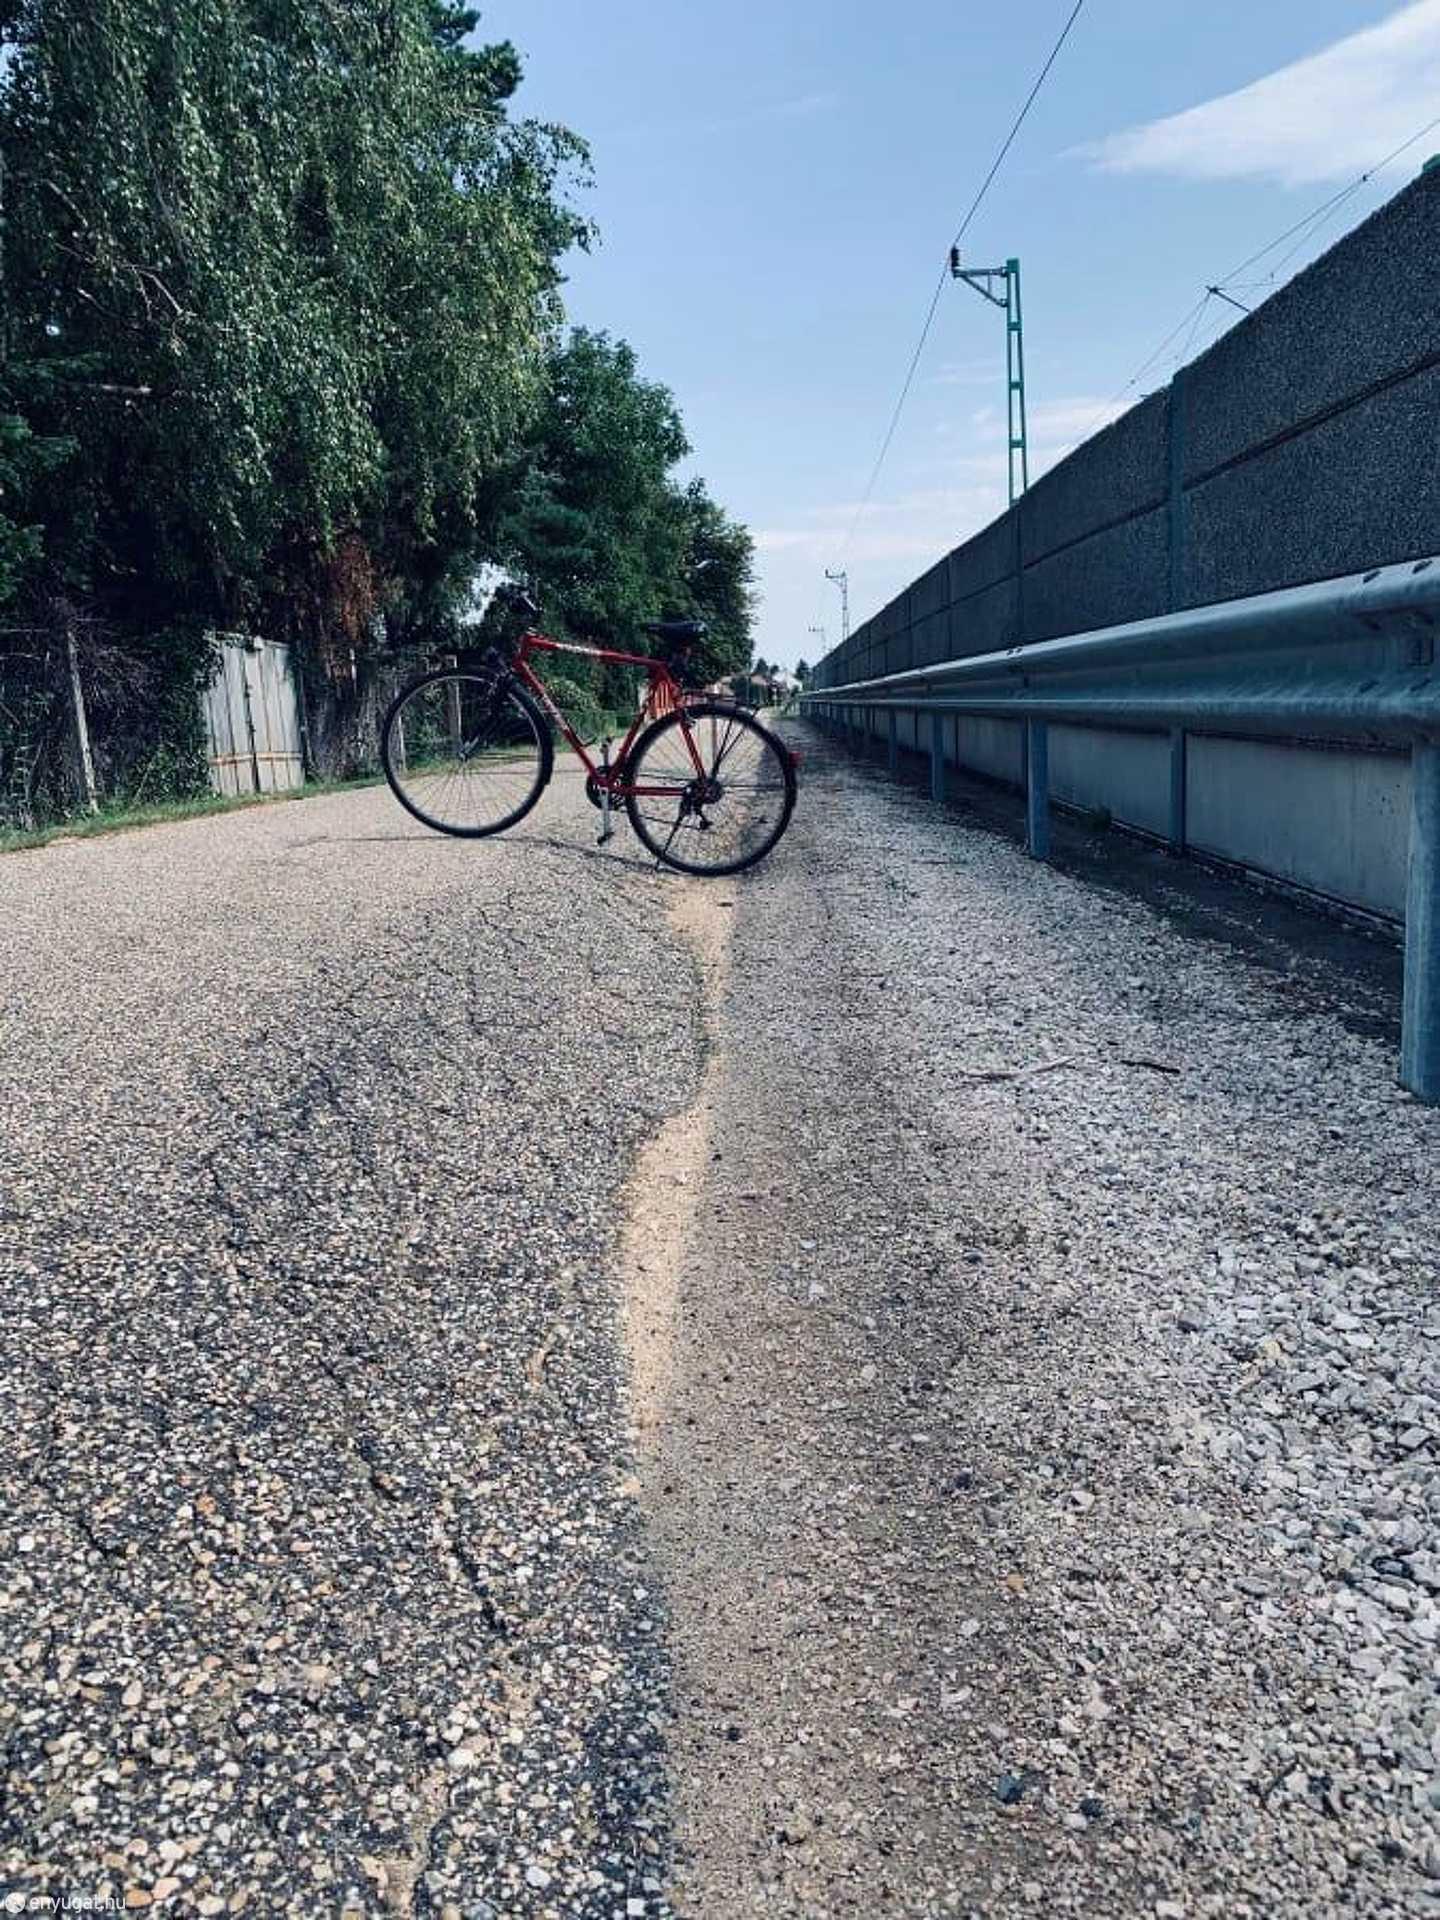 A kerékpár mutatja a szintkülönbséget.